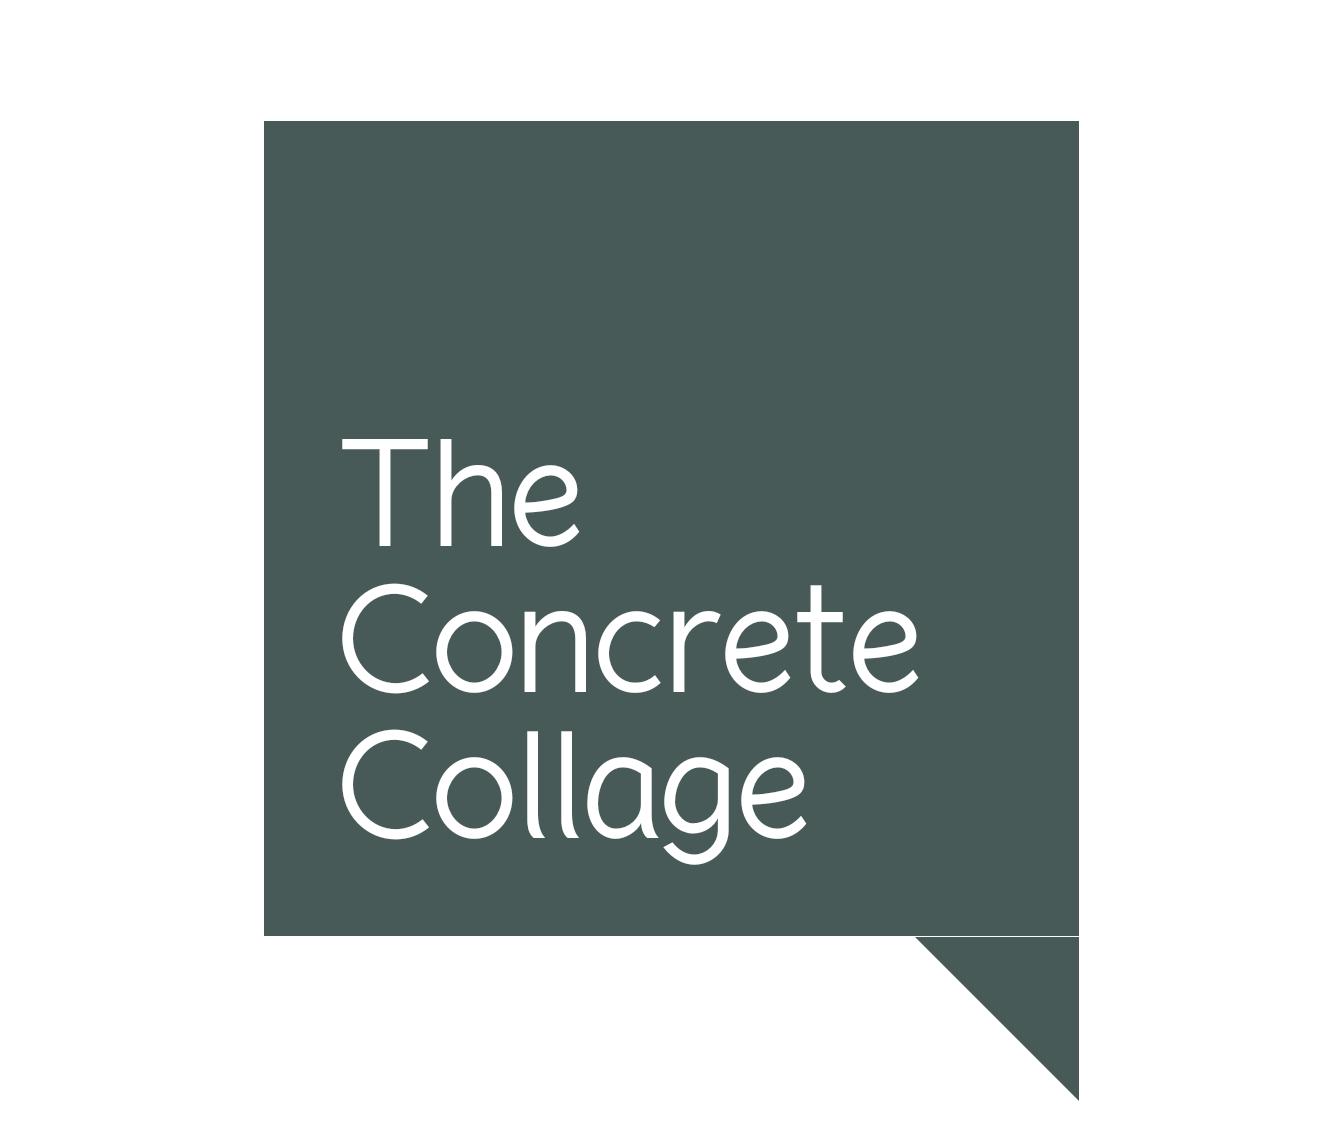 CONCRETE COLLAGE